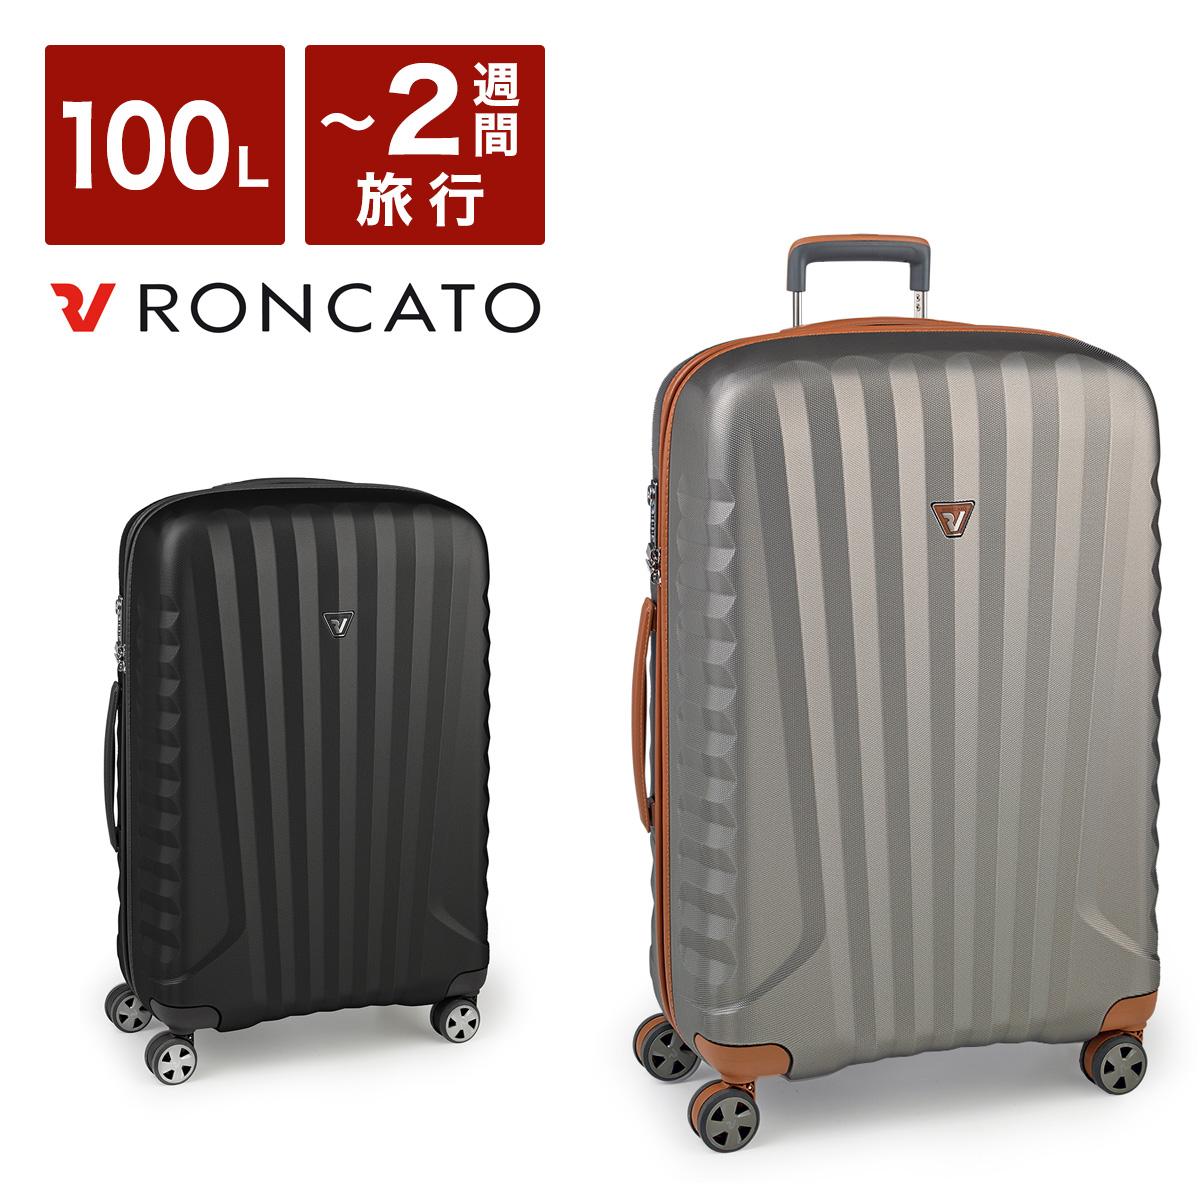 ロンカート スーツケース 100L 74cm 3.9kg ハード ファスナー イタリア製 イーライト 5221 RONCATO E-LITE キャリーケース 軽量 TSAロック搭載 10年保証[PO10][bef]